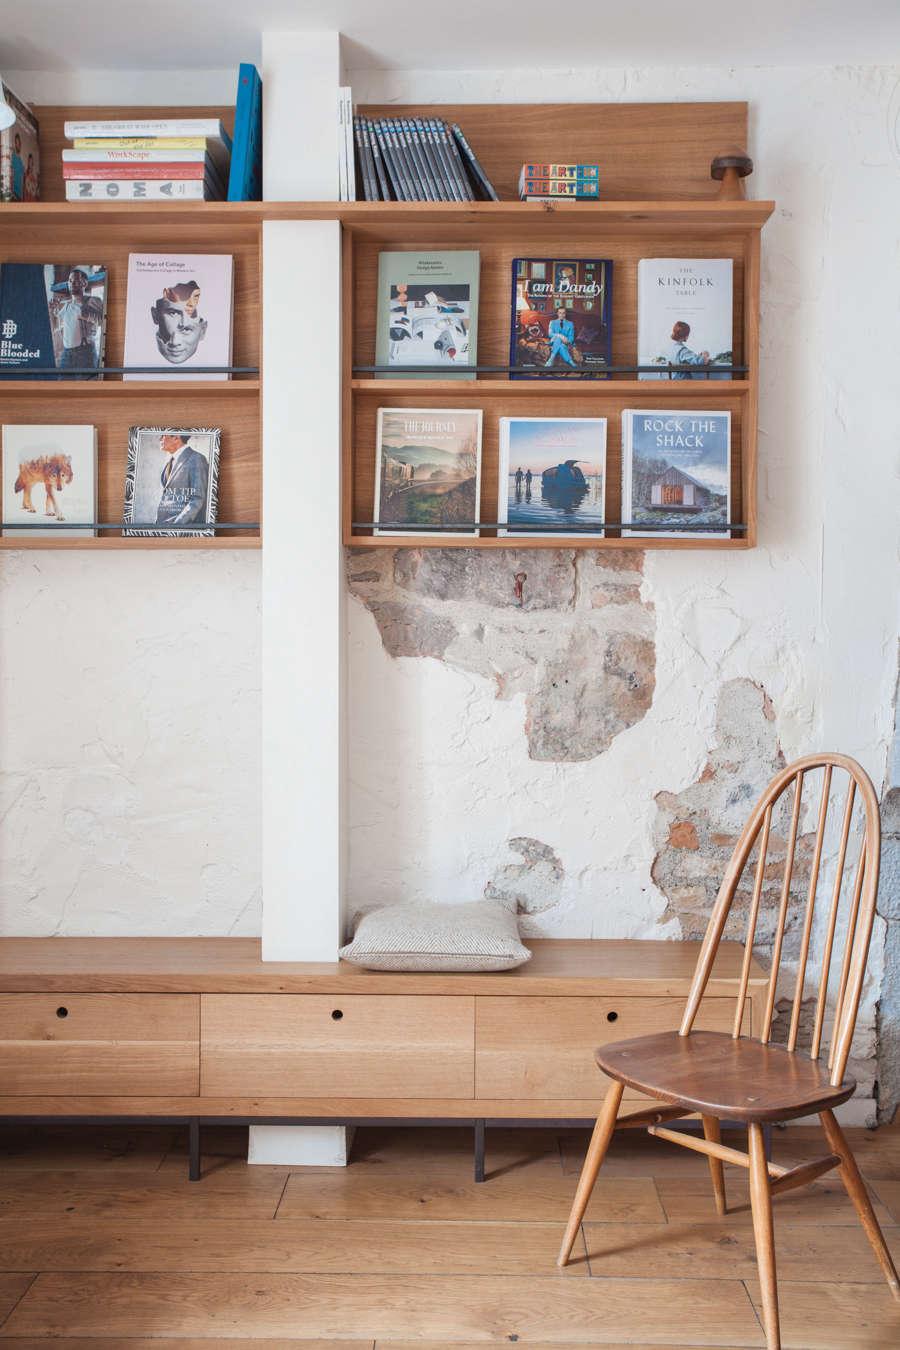 coffeewerk + press design shop 12